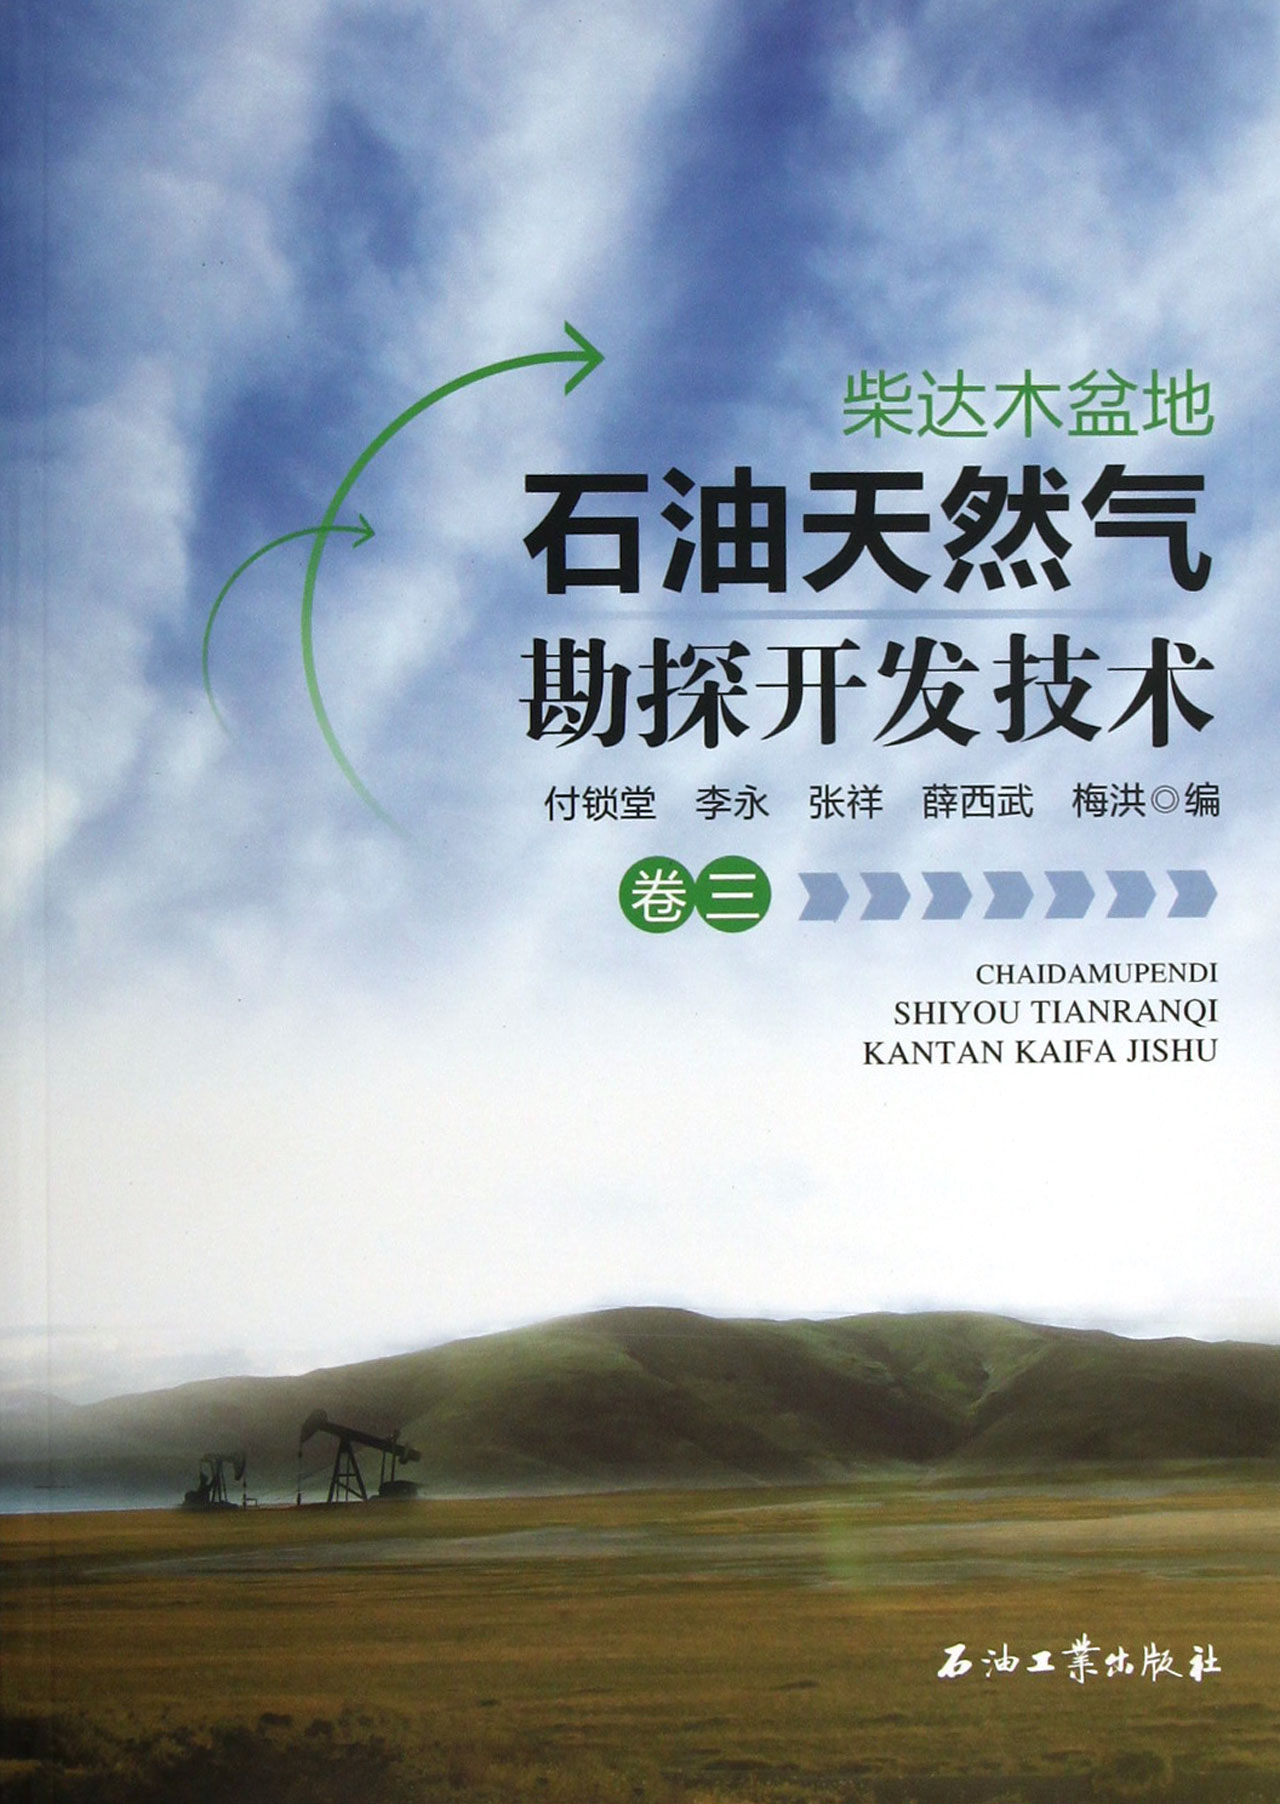 柴达木盆地石油天然气勘探开发技术(卷3)